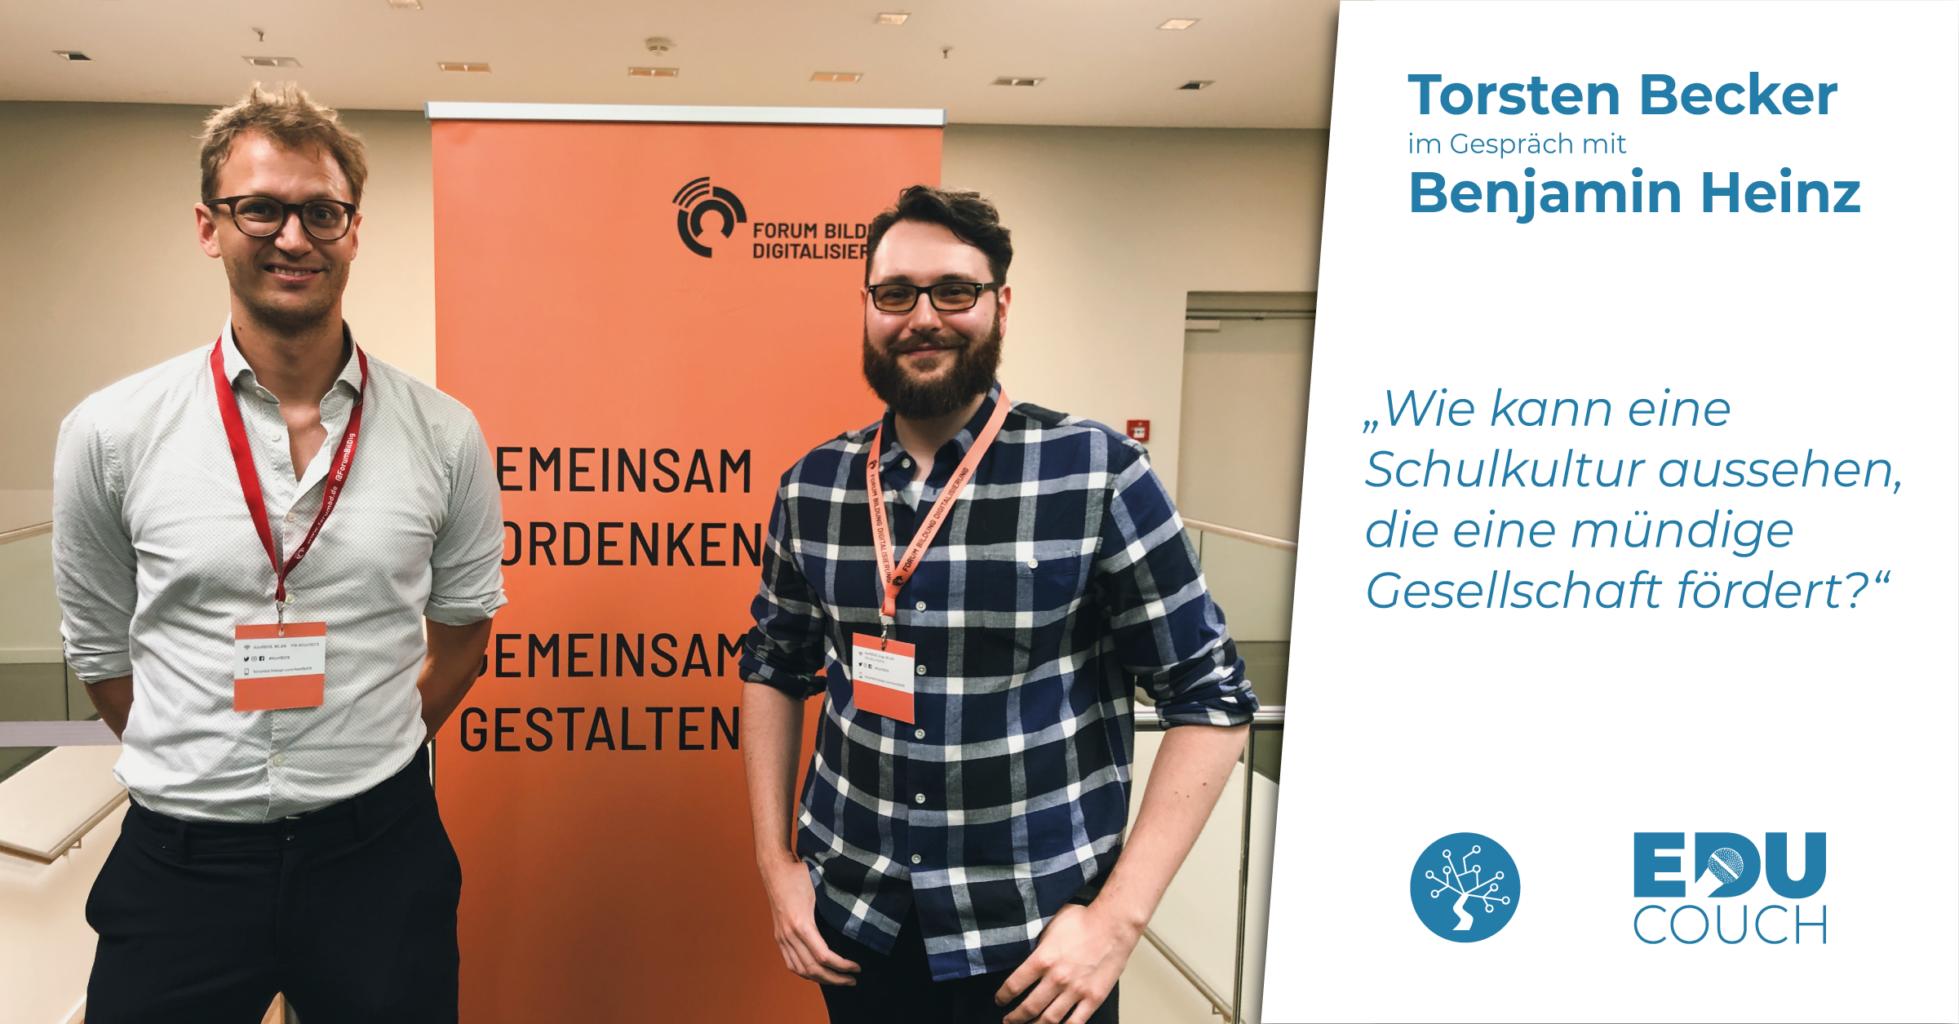 Torsten Becker im Gespräch mit Benjamin Heinz bei der EduCouch